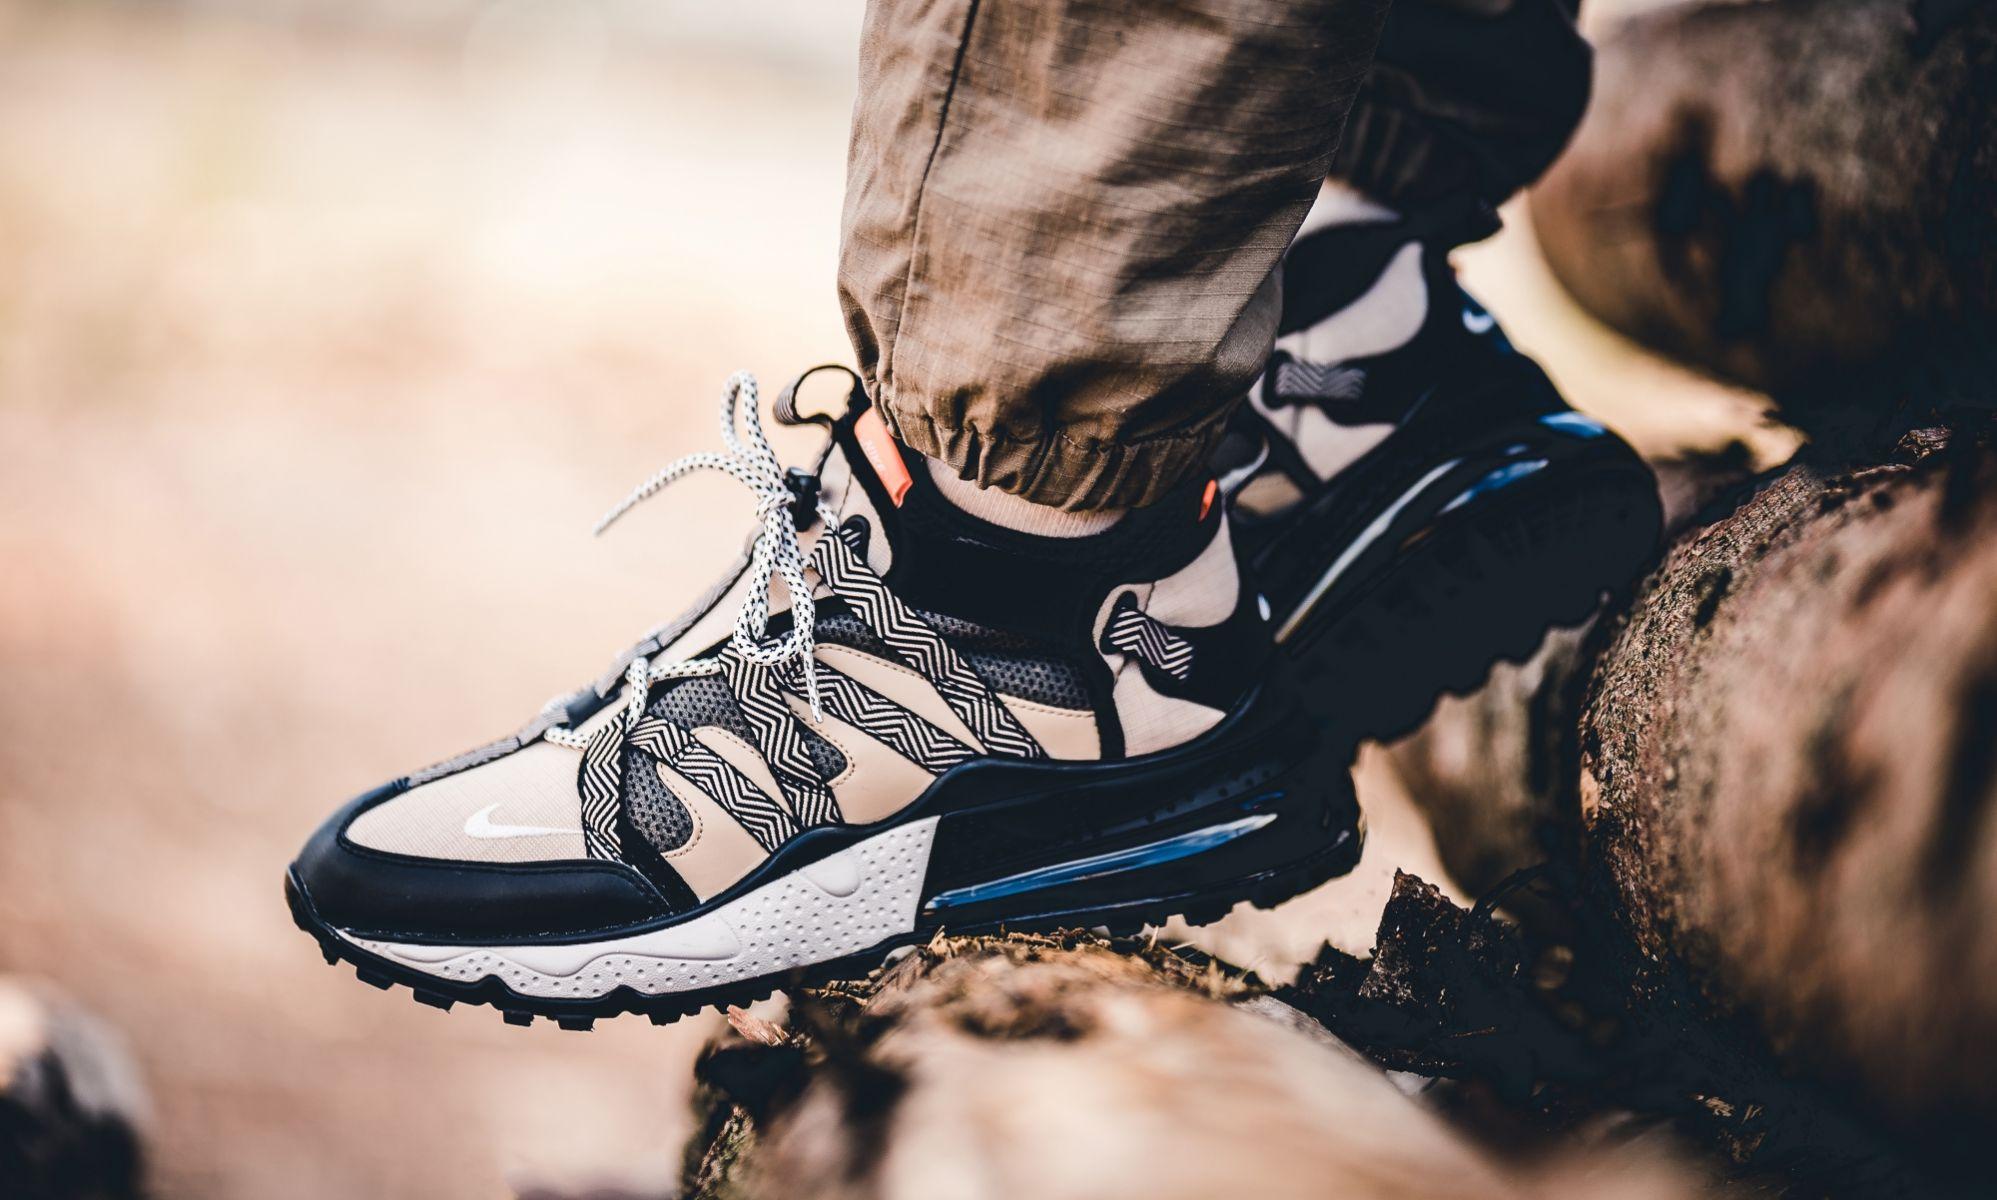 Nike Air Max 270 Bowfin 'Desert